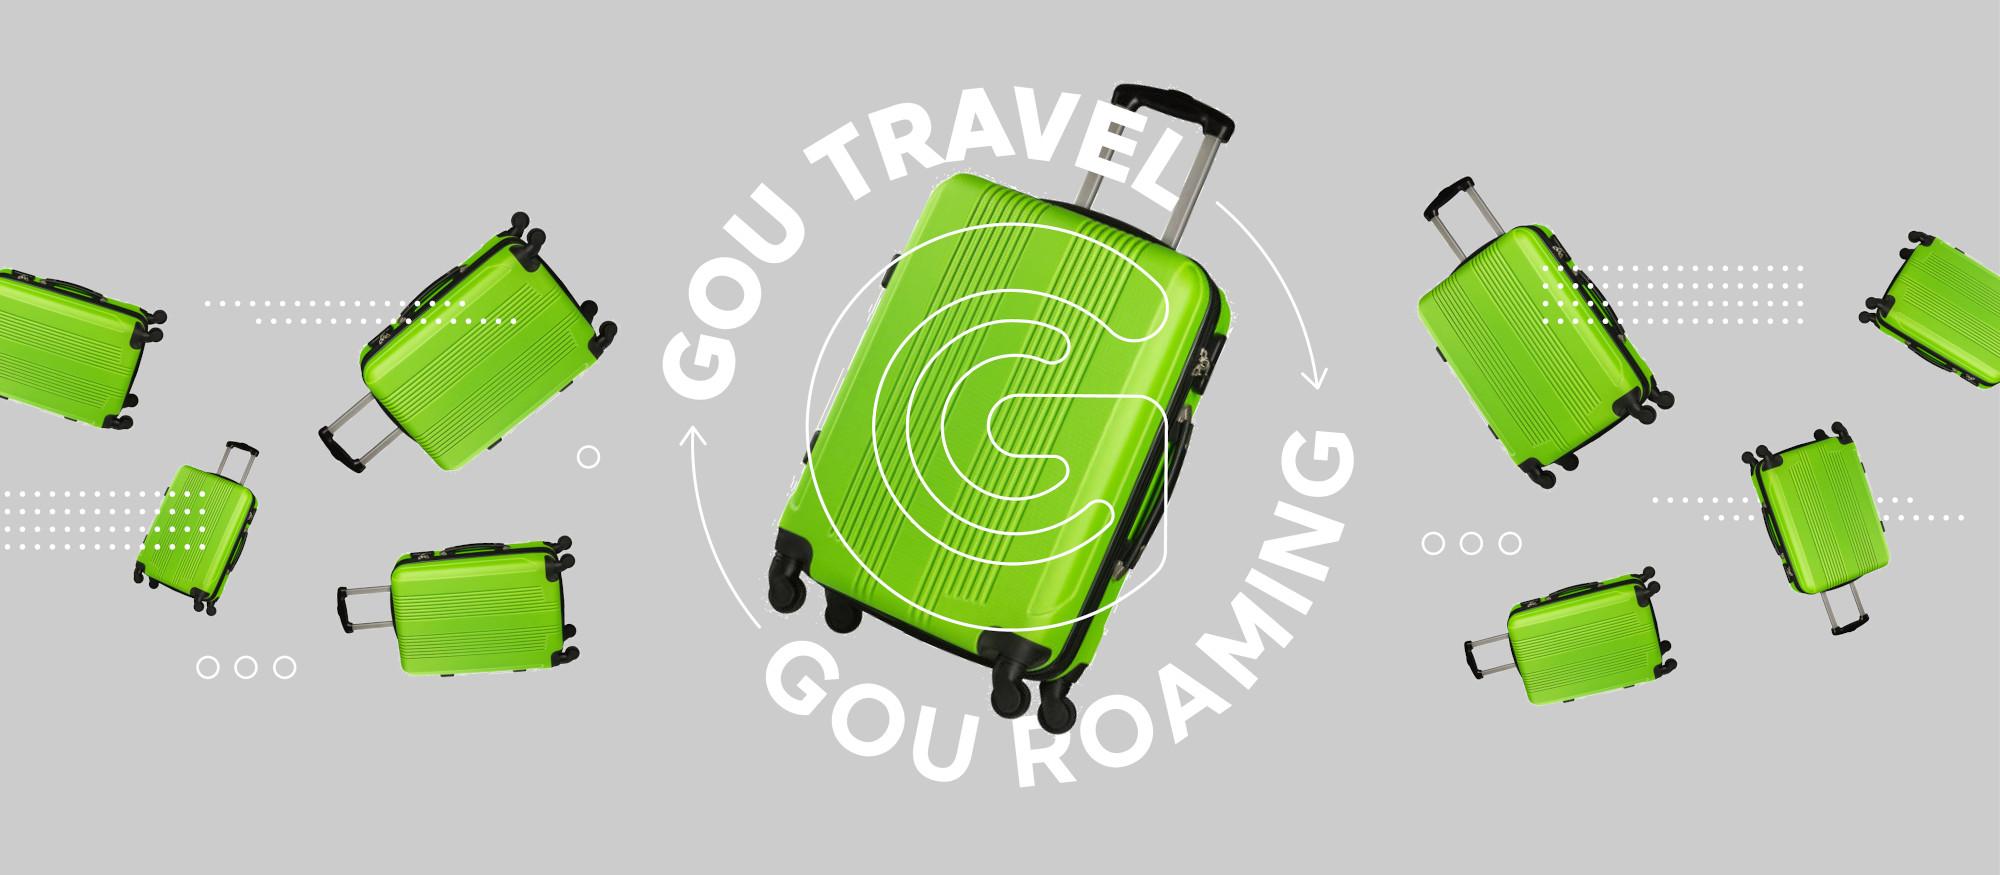 Ves de viatge i activa el roaming del teu telèfon mòbil!